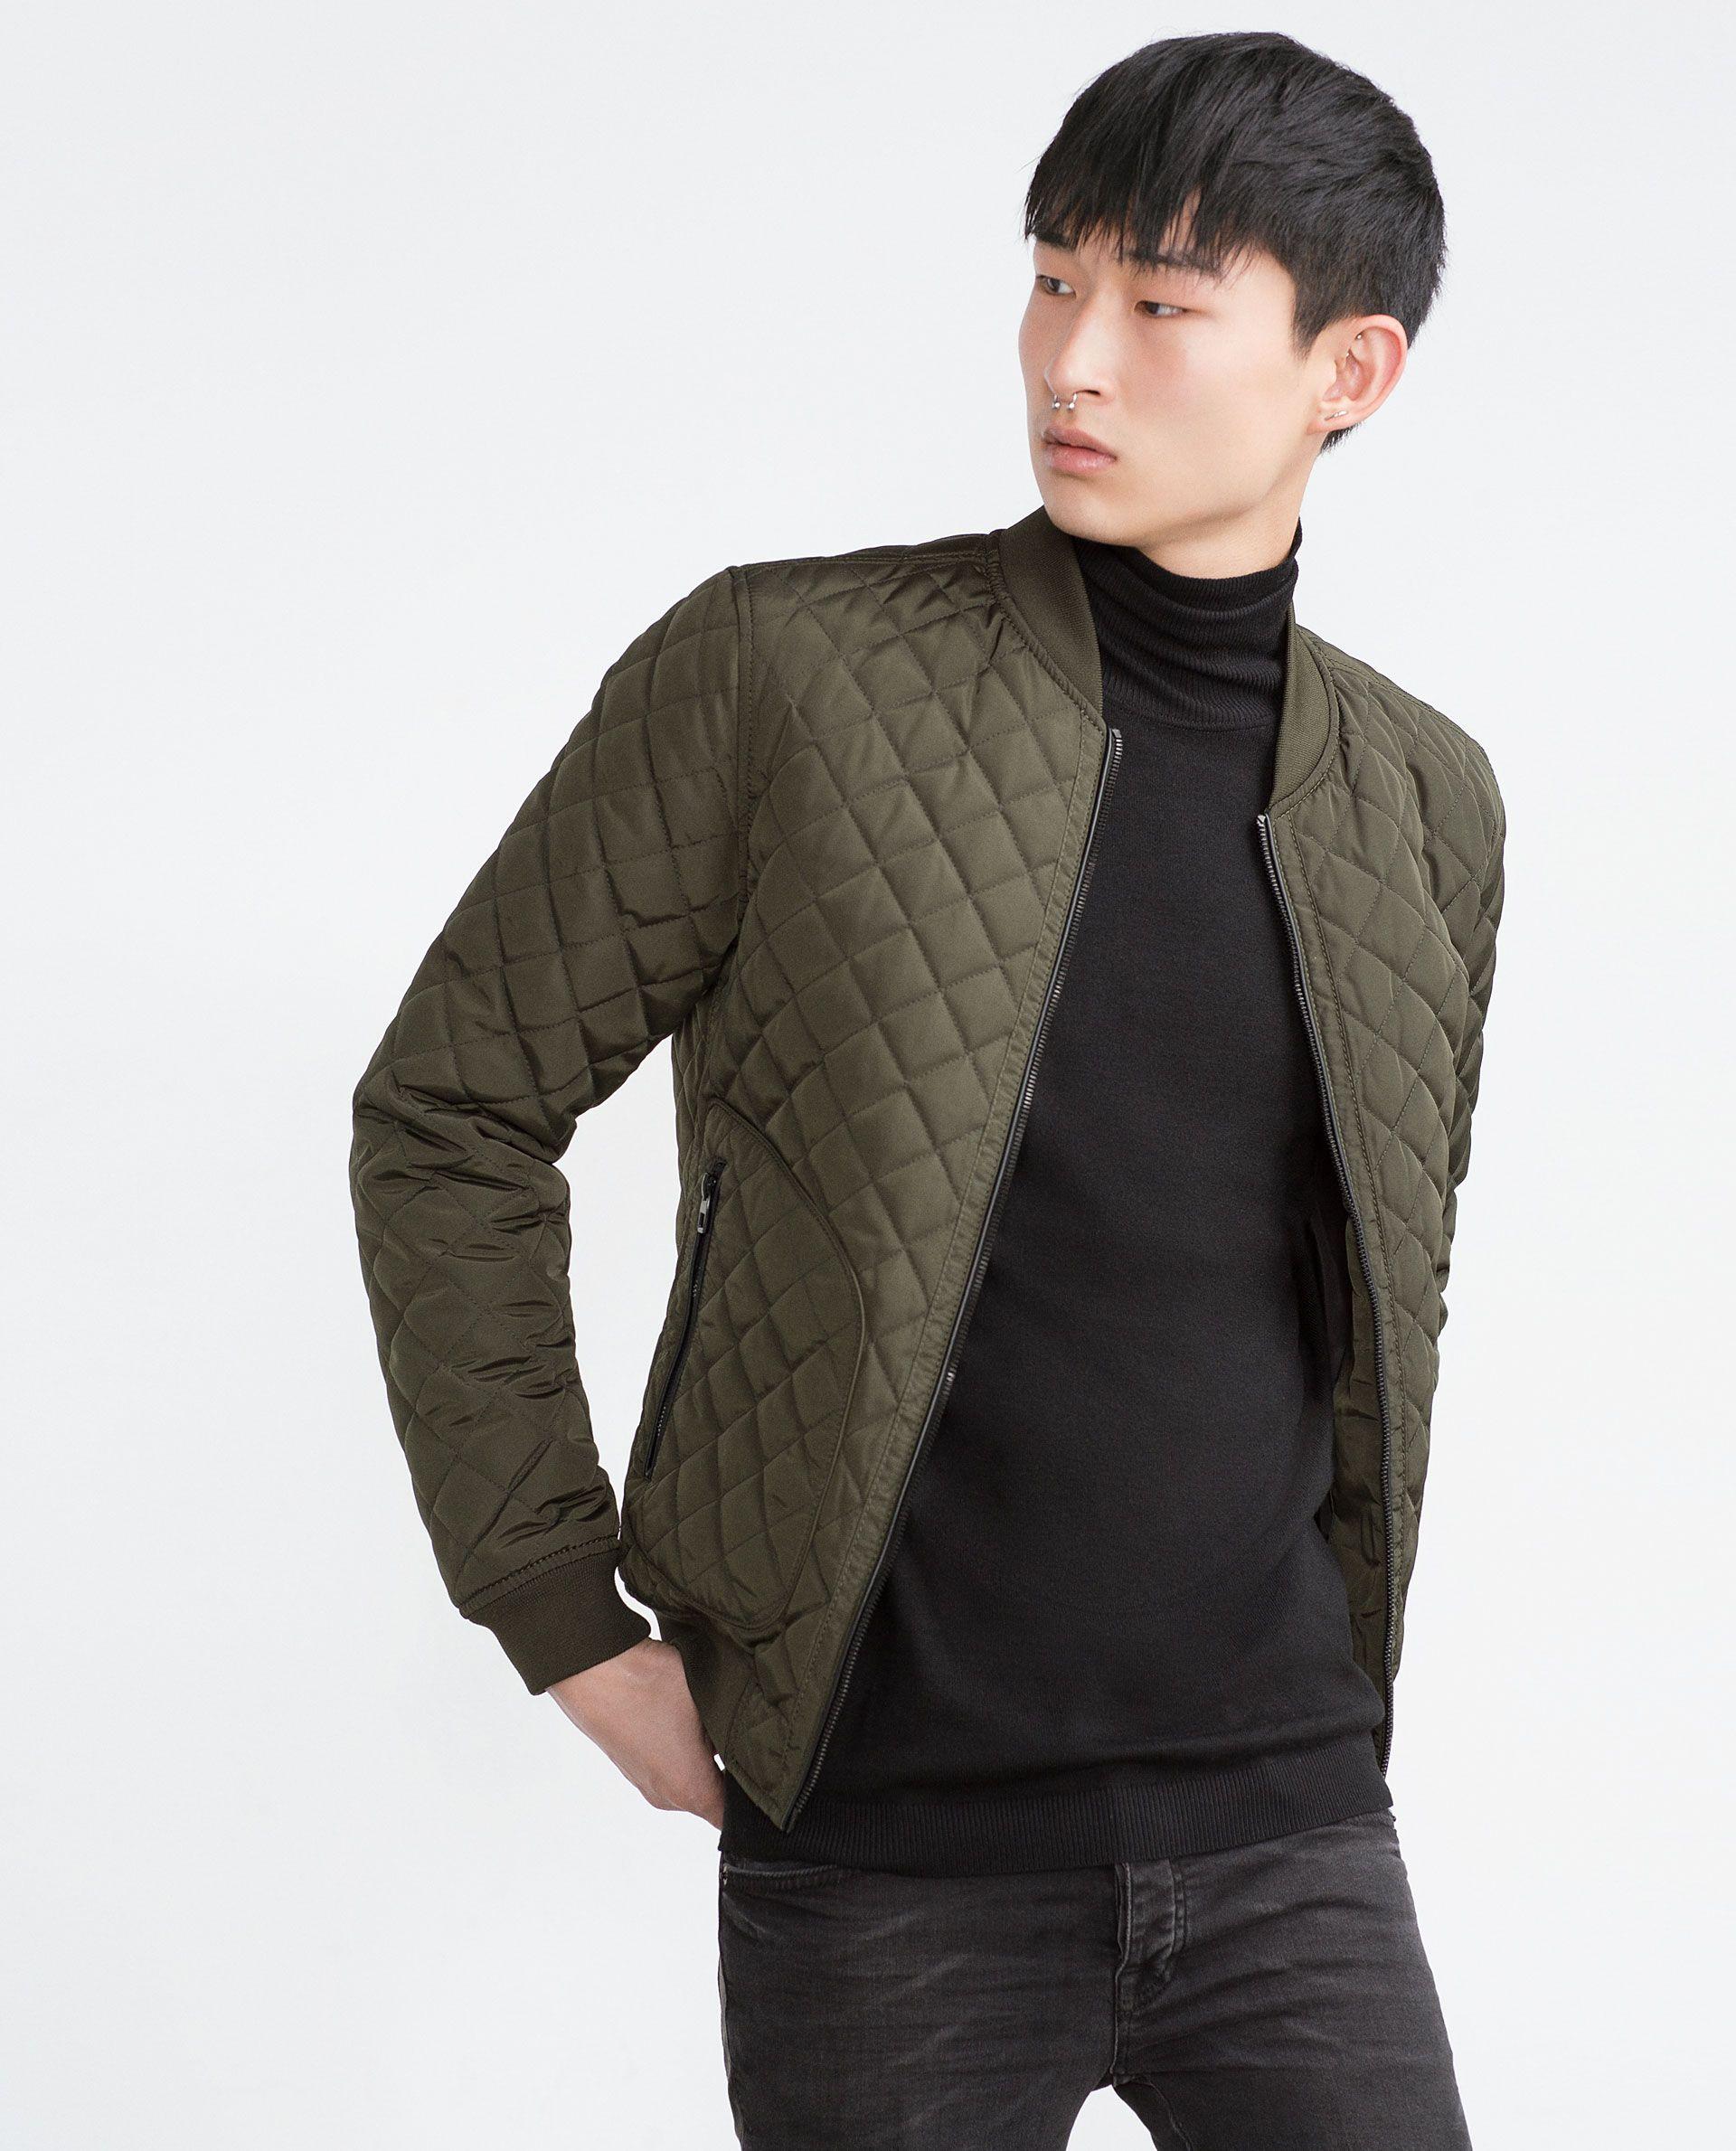 Catálogo Zara 2016 Tendencias Moda Hombre Modaellos